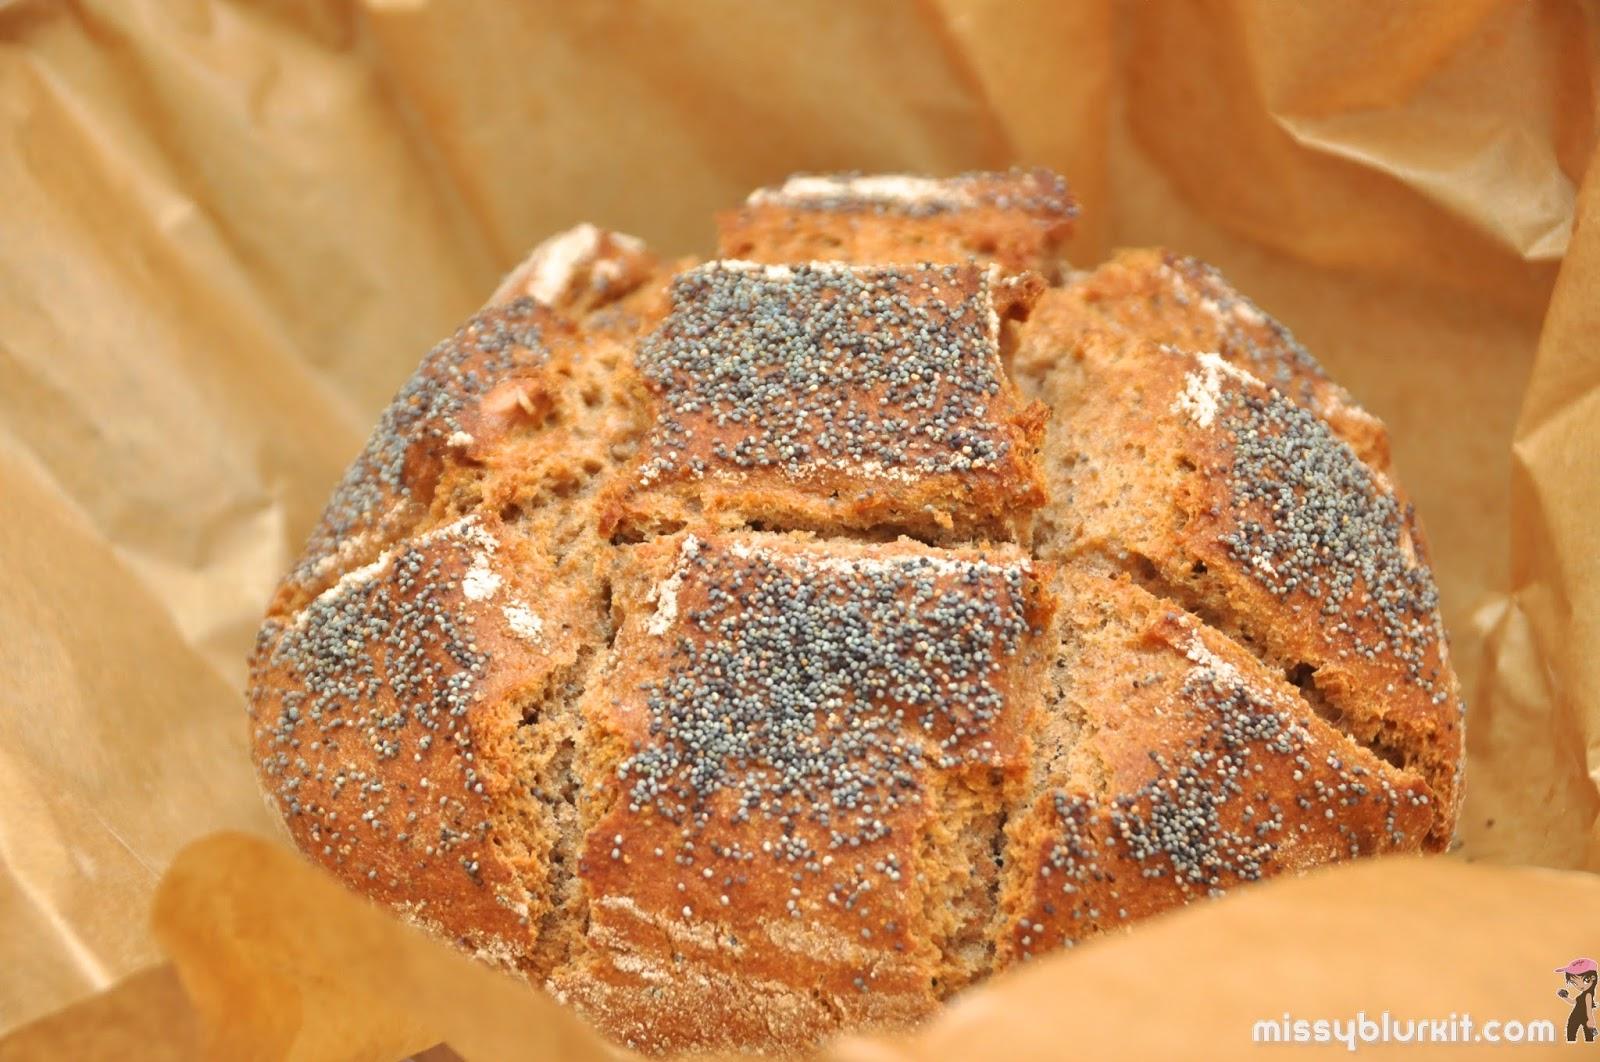 Dutch Oven Wheat Bread Recipe